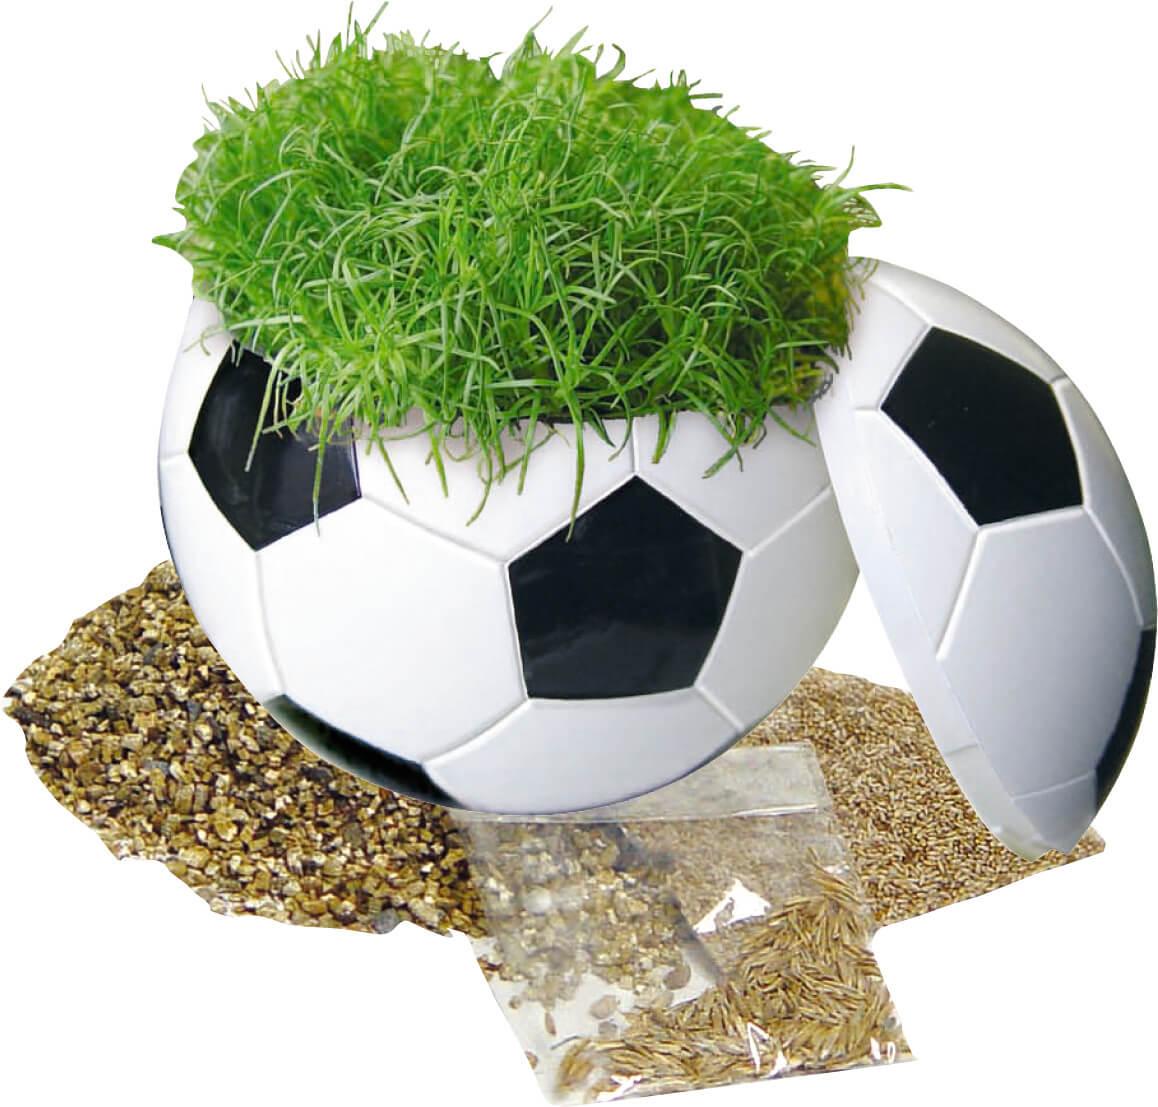 Ballon d'herbe publicitaire ecologique ECO072